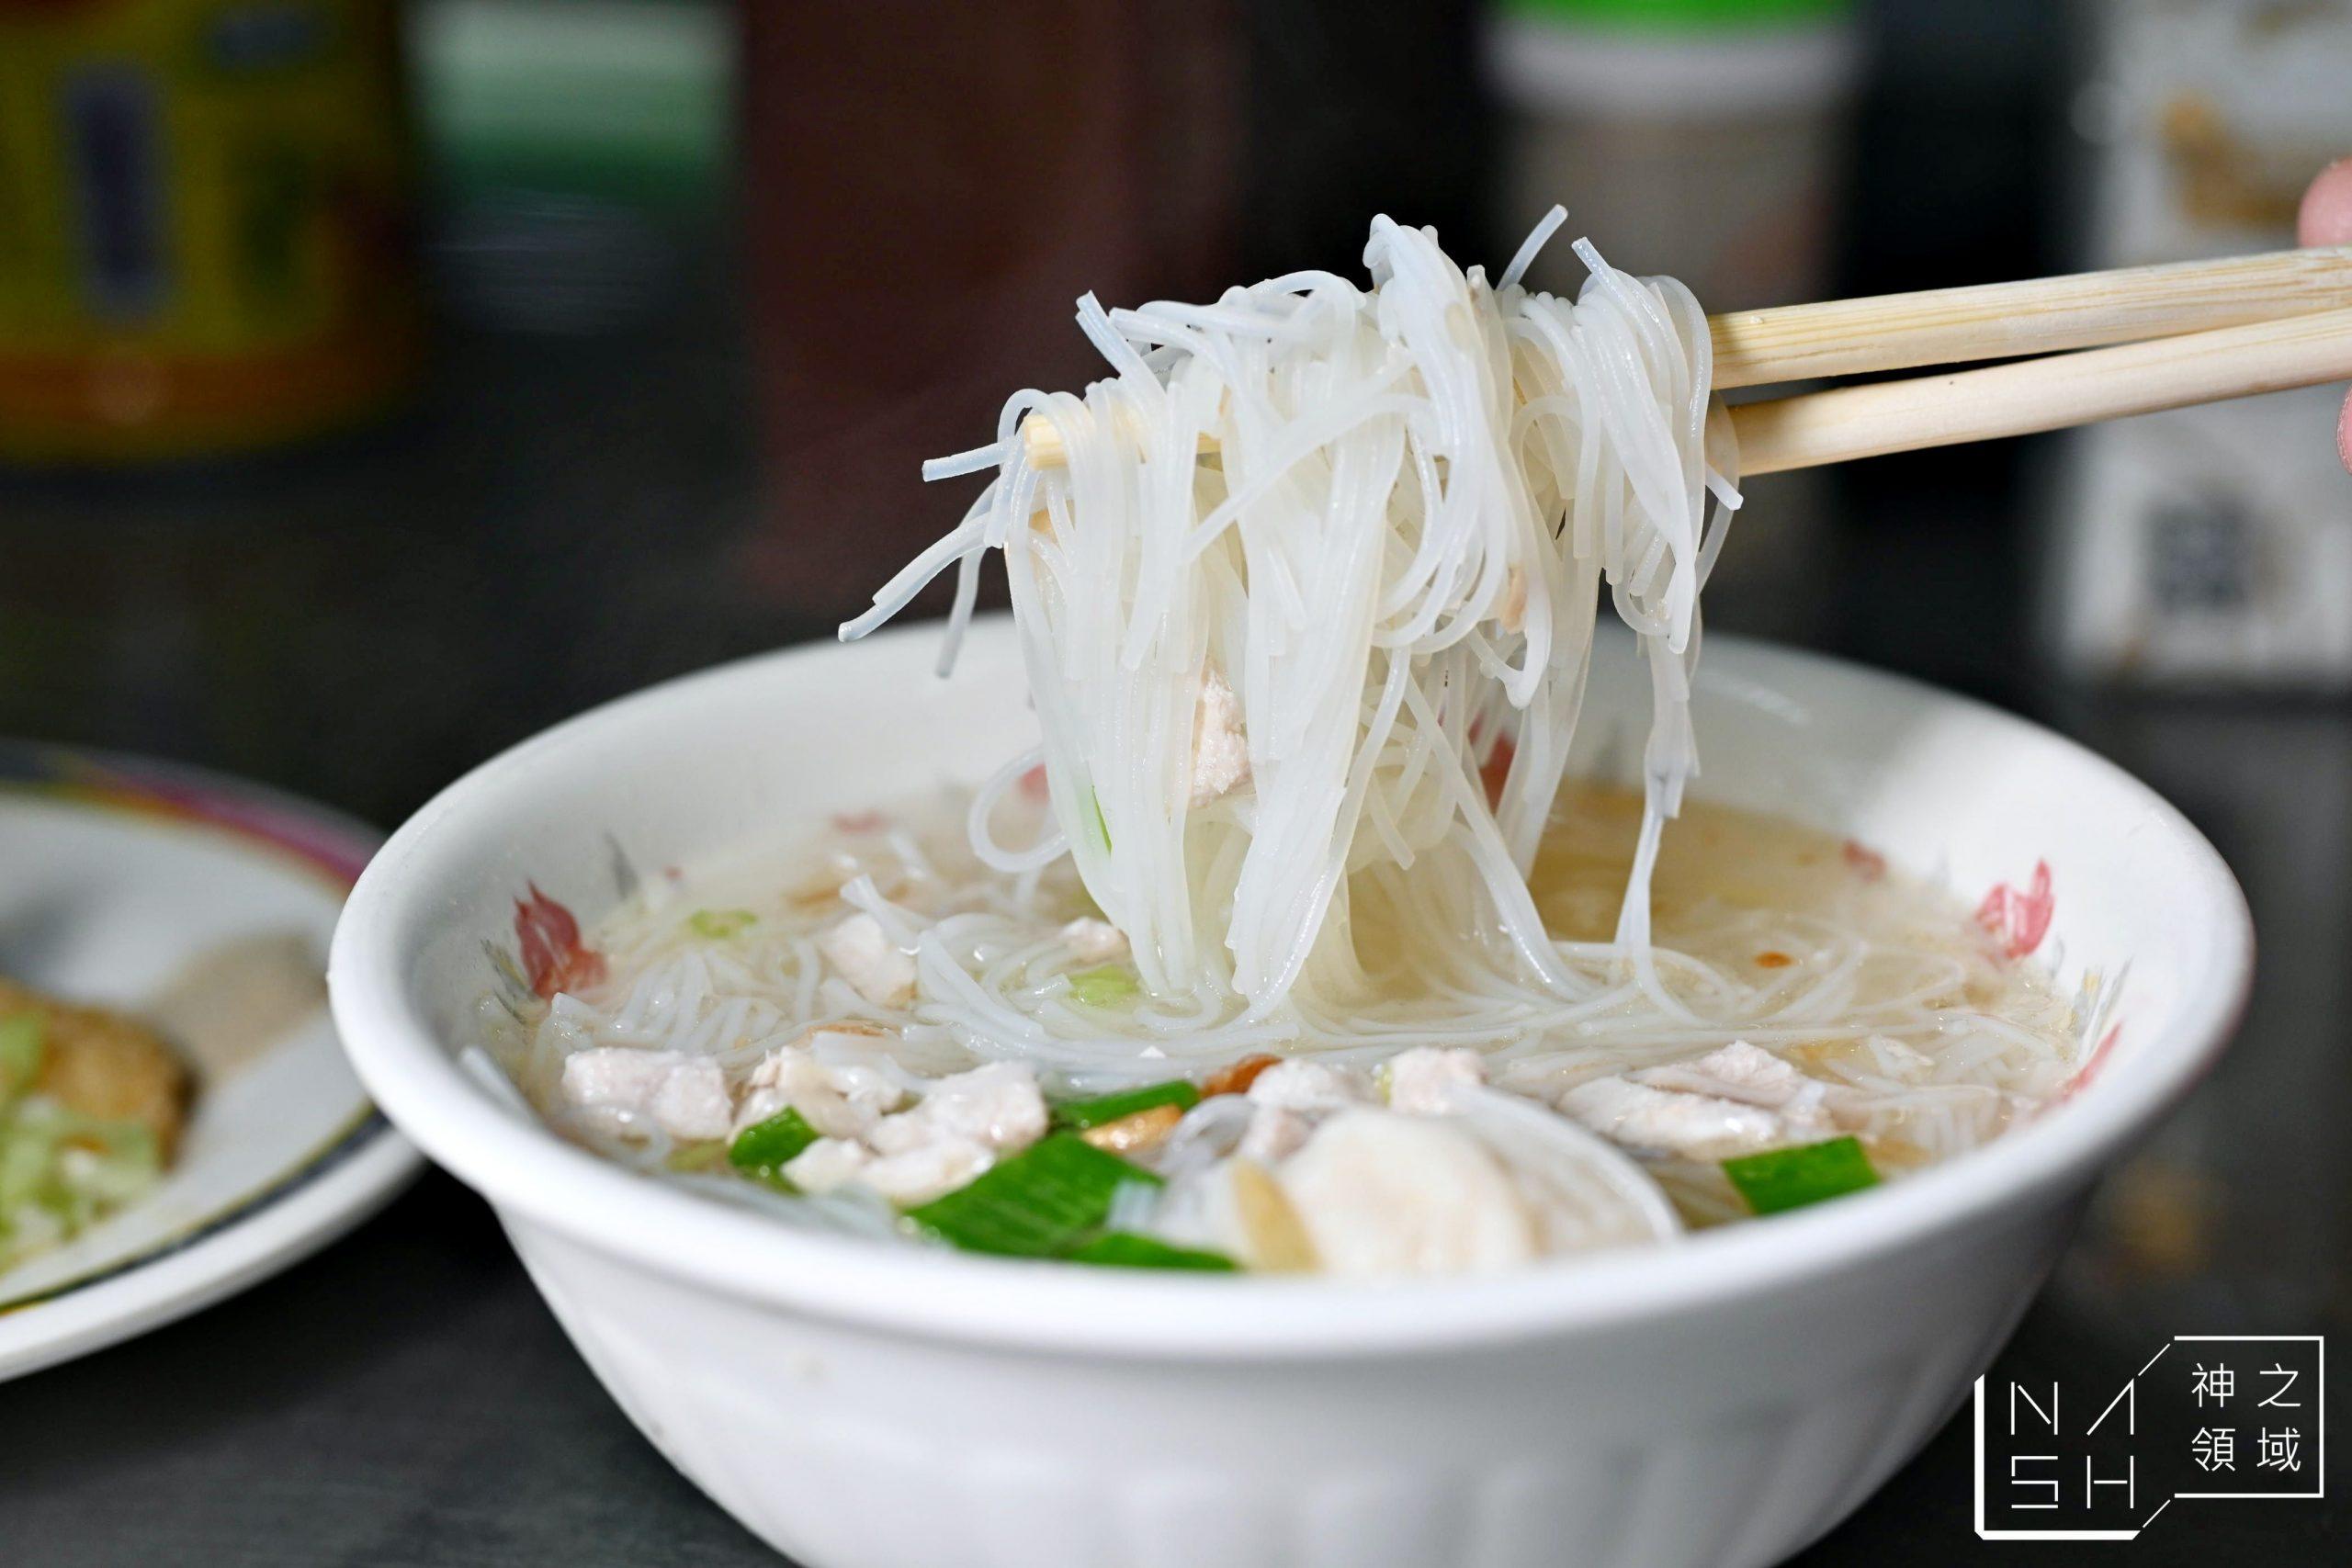 旗魚新竹米粉